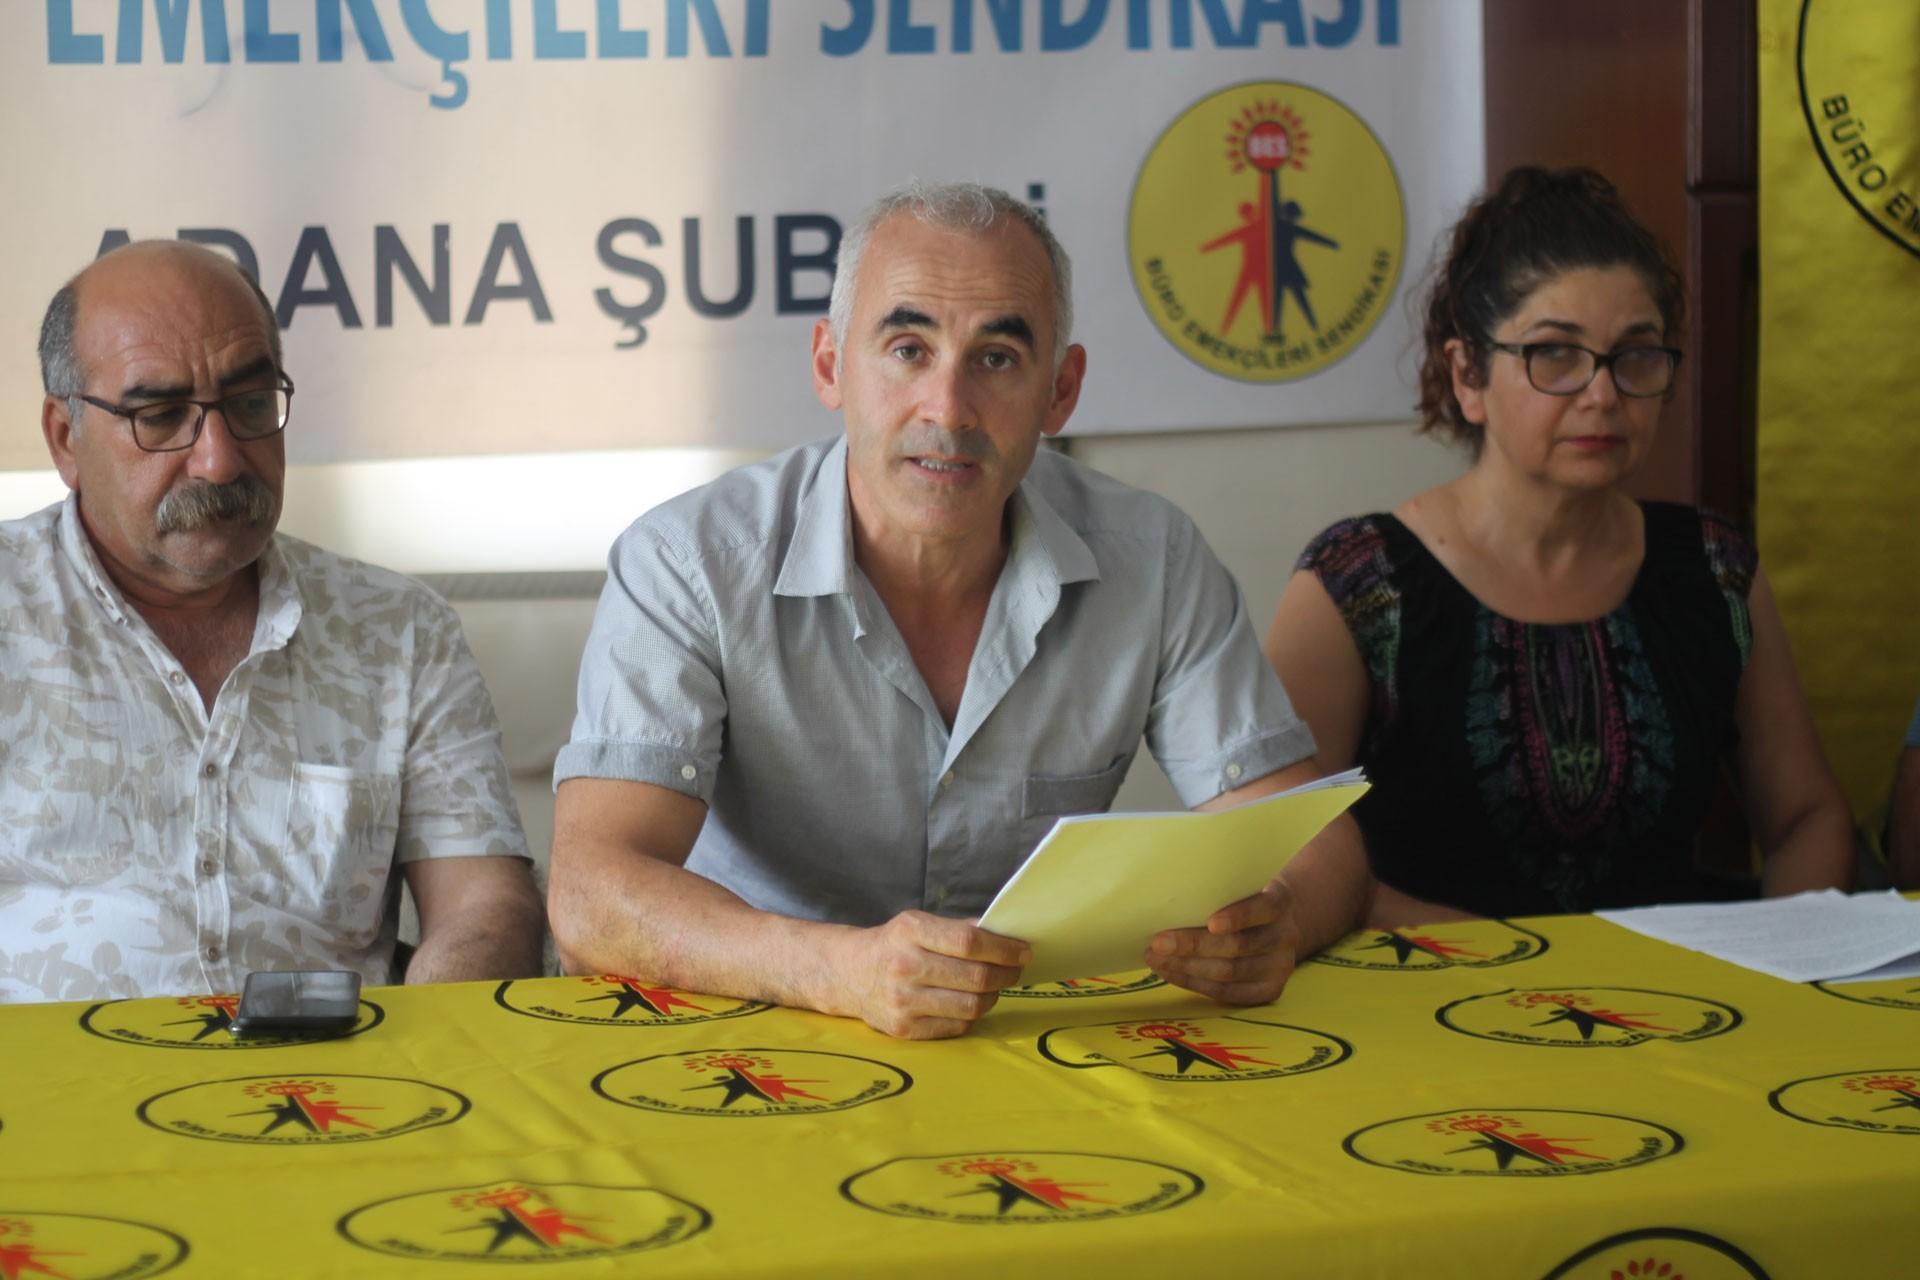 BES Adana: Grevli toplu sözleşmeli sendika hakkı istiyoruz